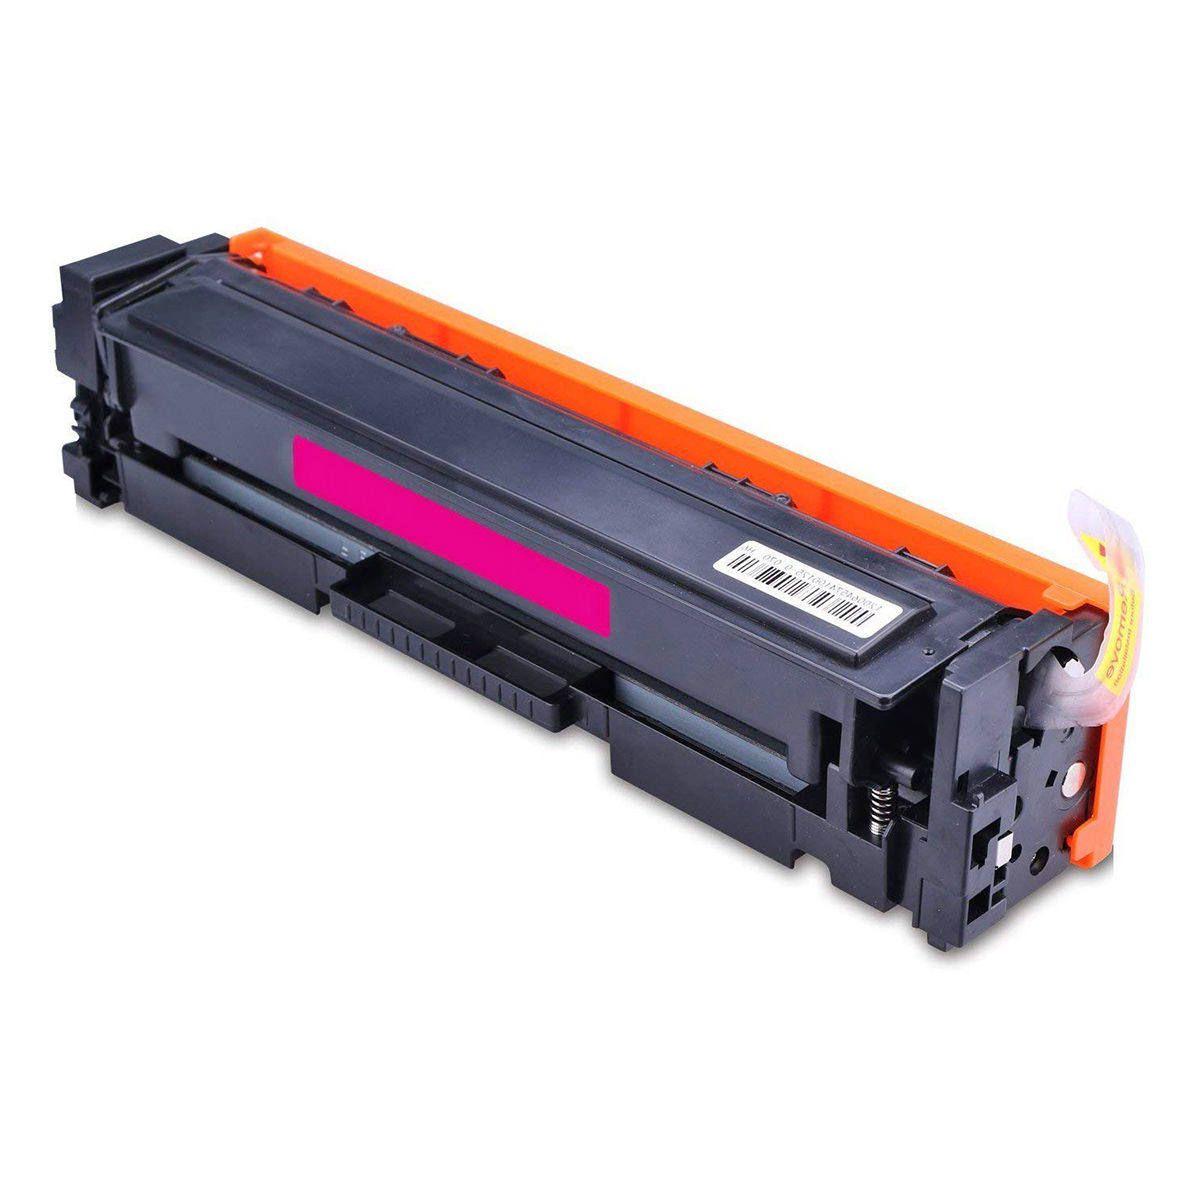 Compatível: Toner CF533A 205A para Impressora HP M181 M180 M154 M-180n M-180nw M-181fw M-154a M-154nw / Magenta / 900